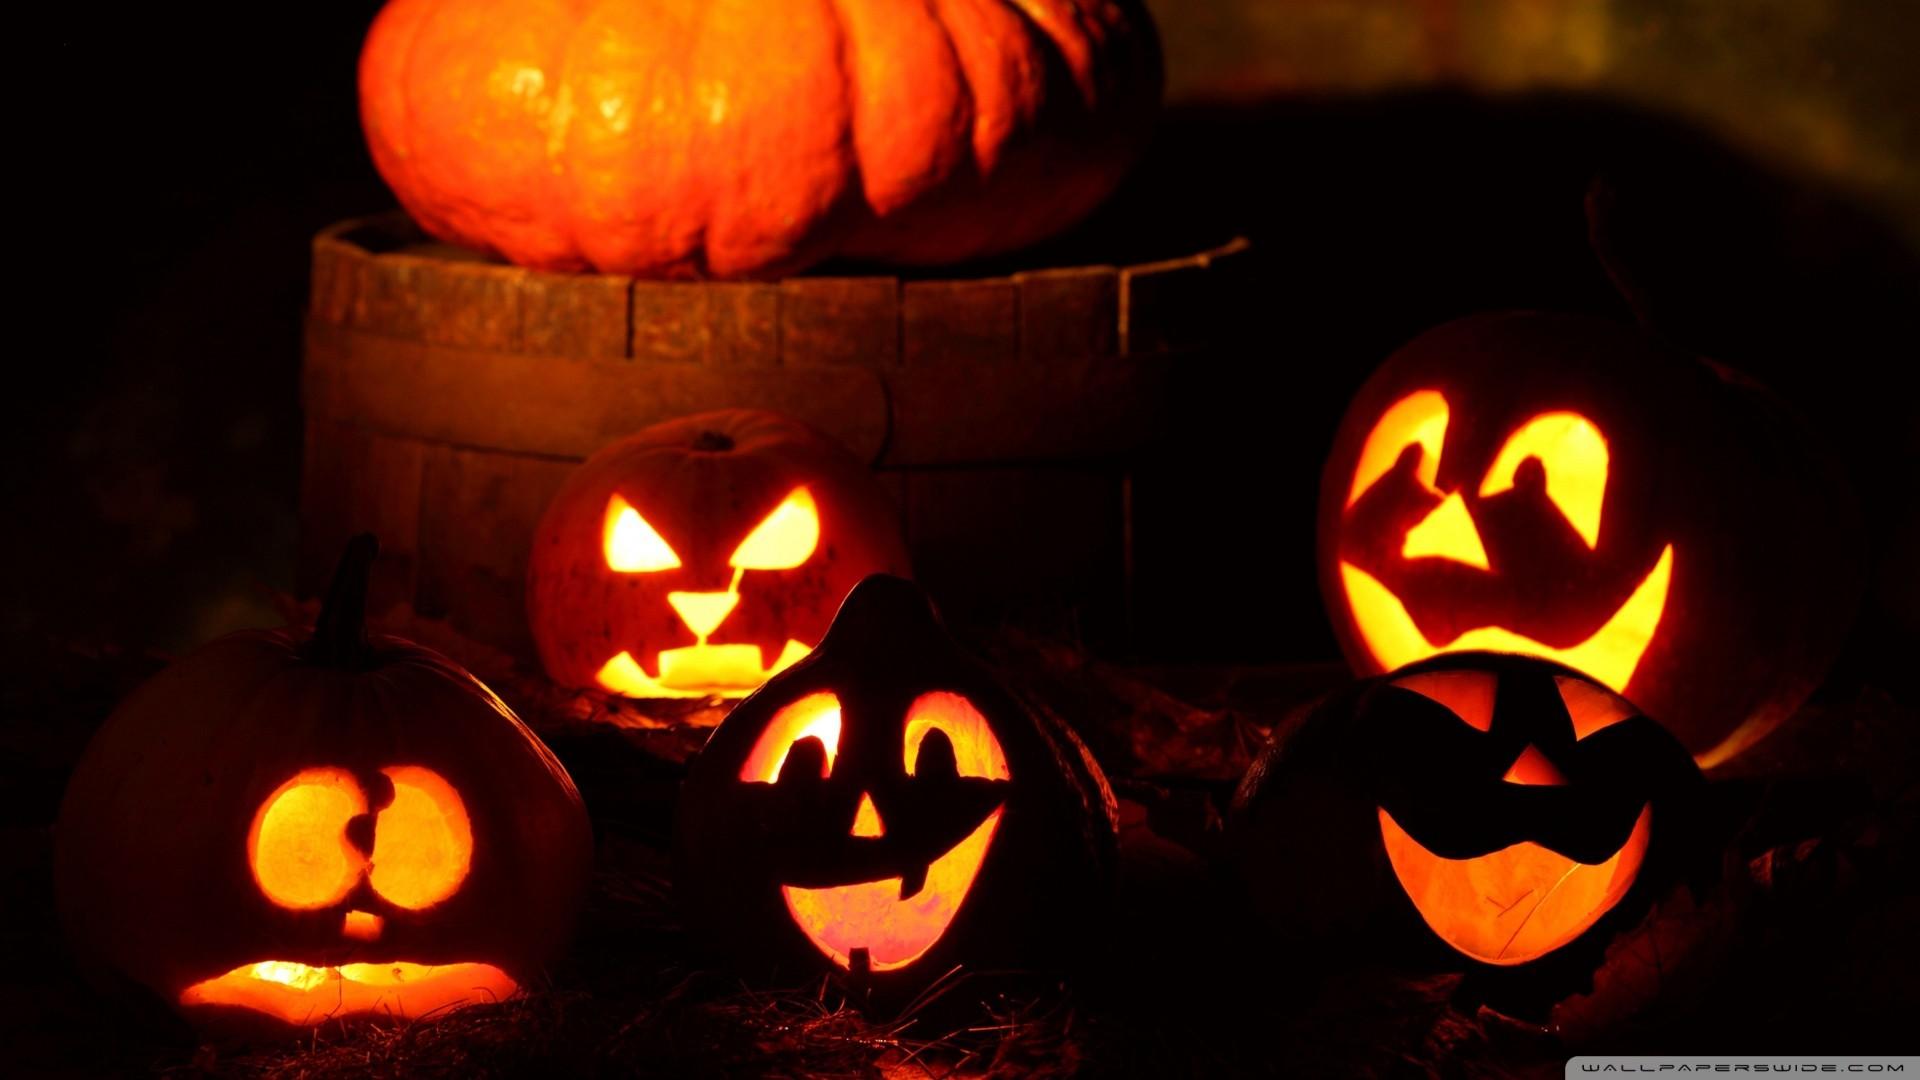 Halloween Pumpkins Wallpaper Lighted, Halloween, Pumpkins .